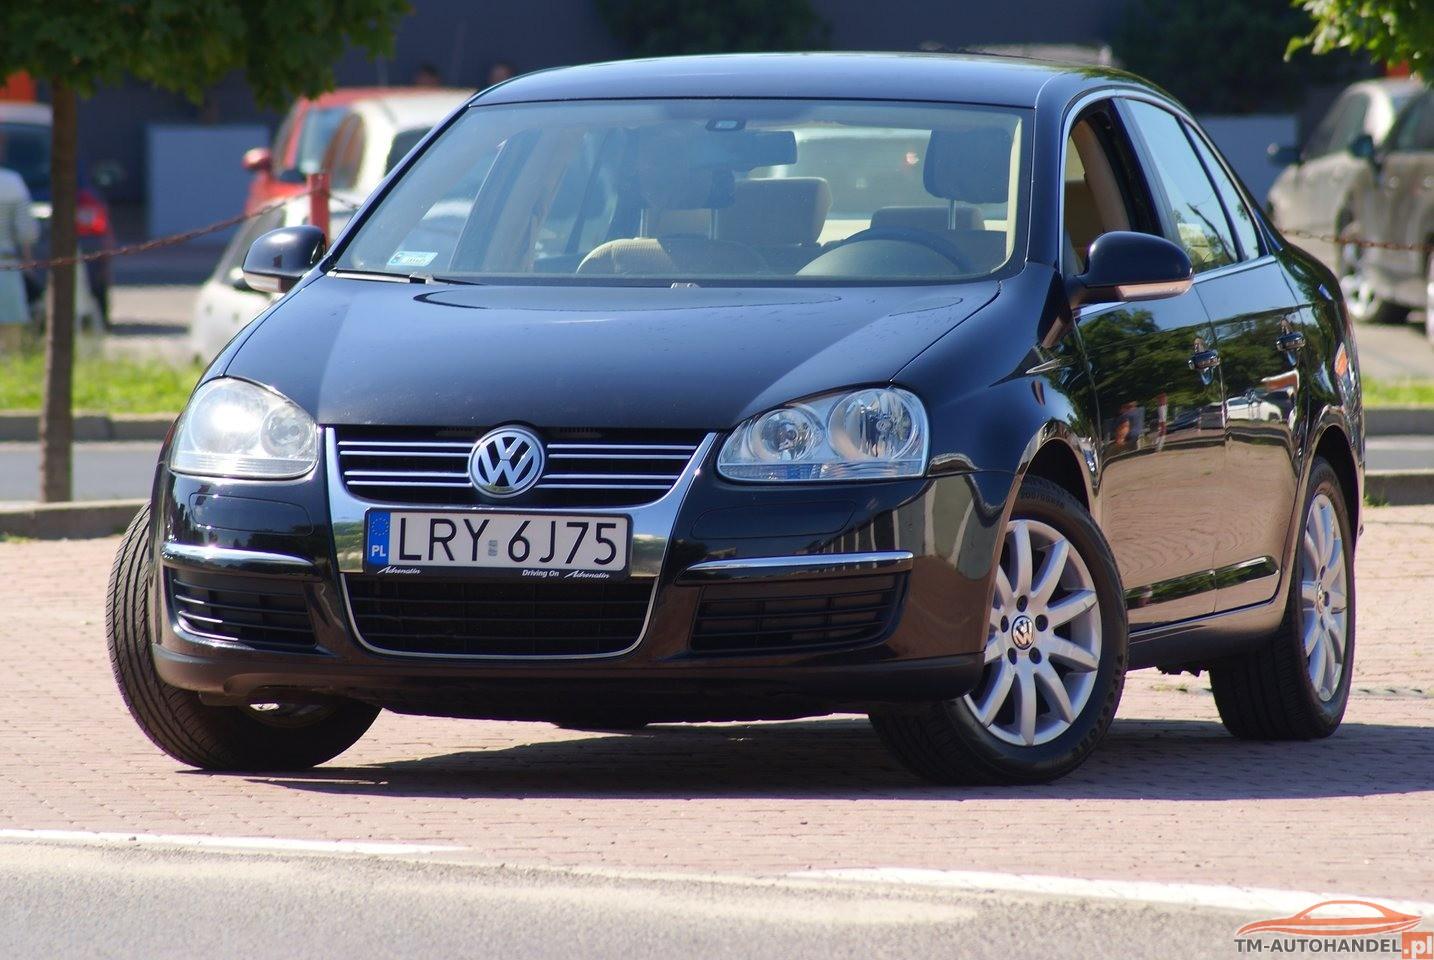 Tłumik końcowy firmy Klarius do VW Jetta 2009